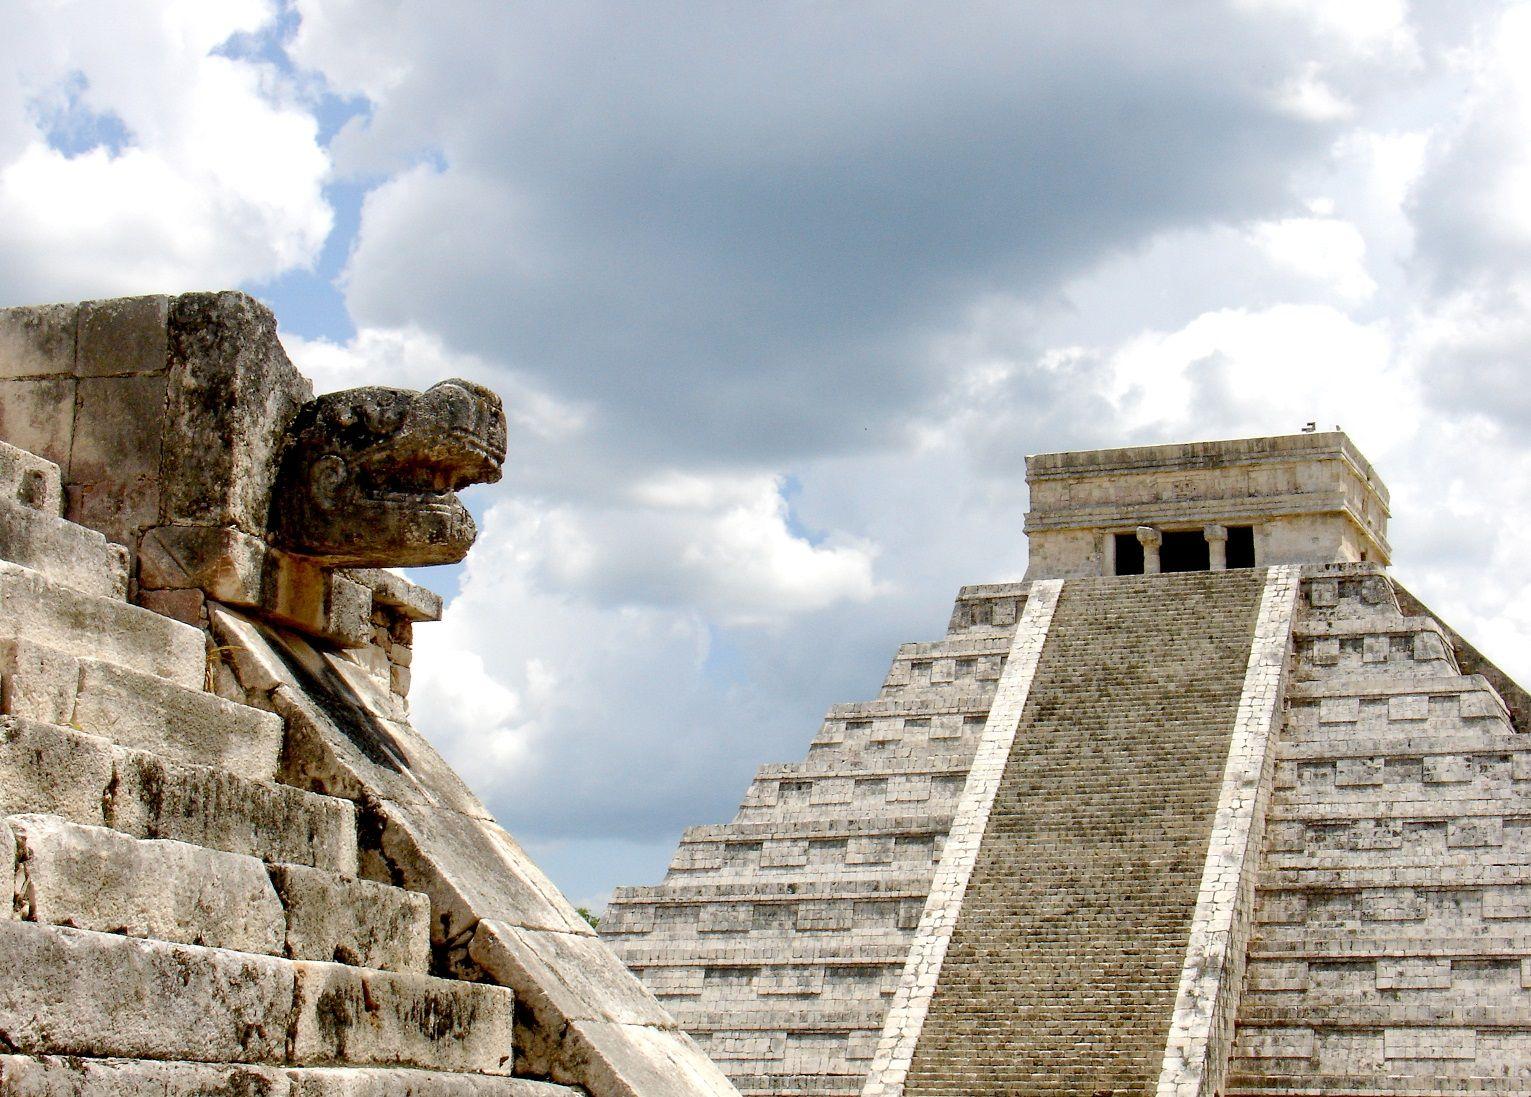 Chichen Itza in the State of Yucatan